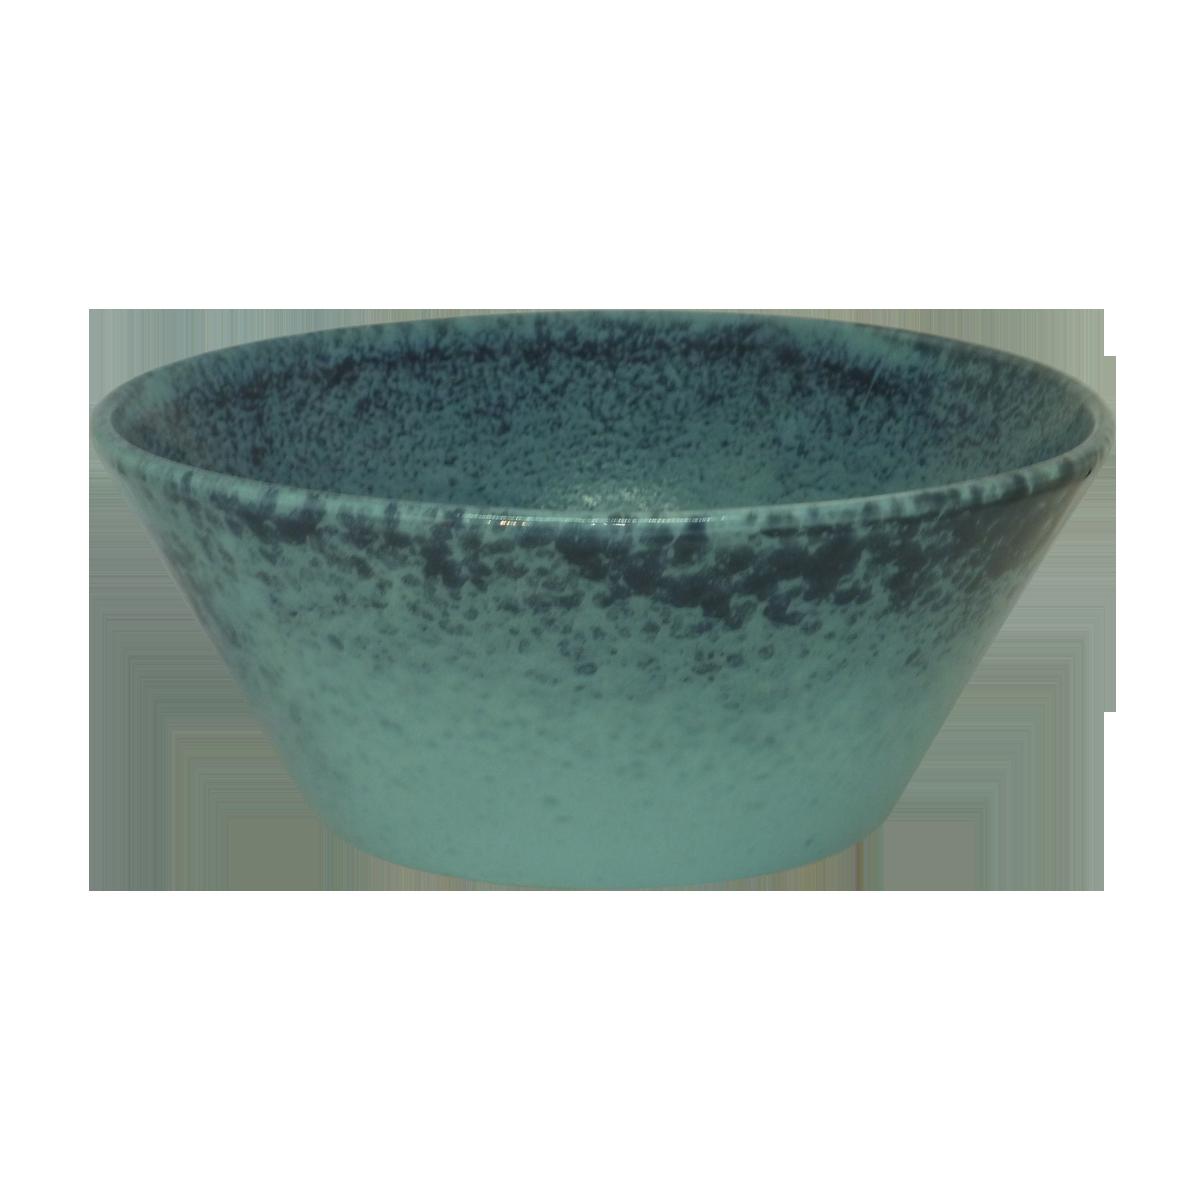 Esprit Cuistot - Saladier creux en céramique Collection Hator 21 cm